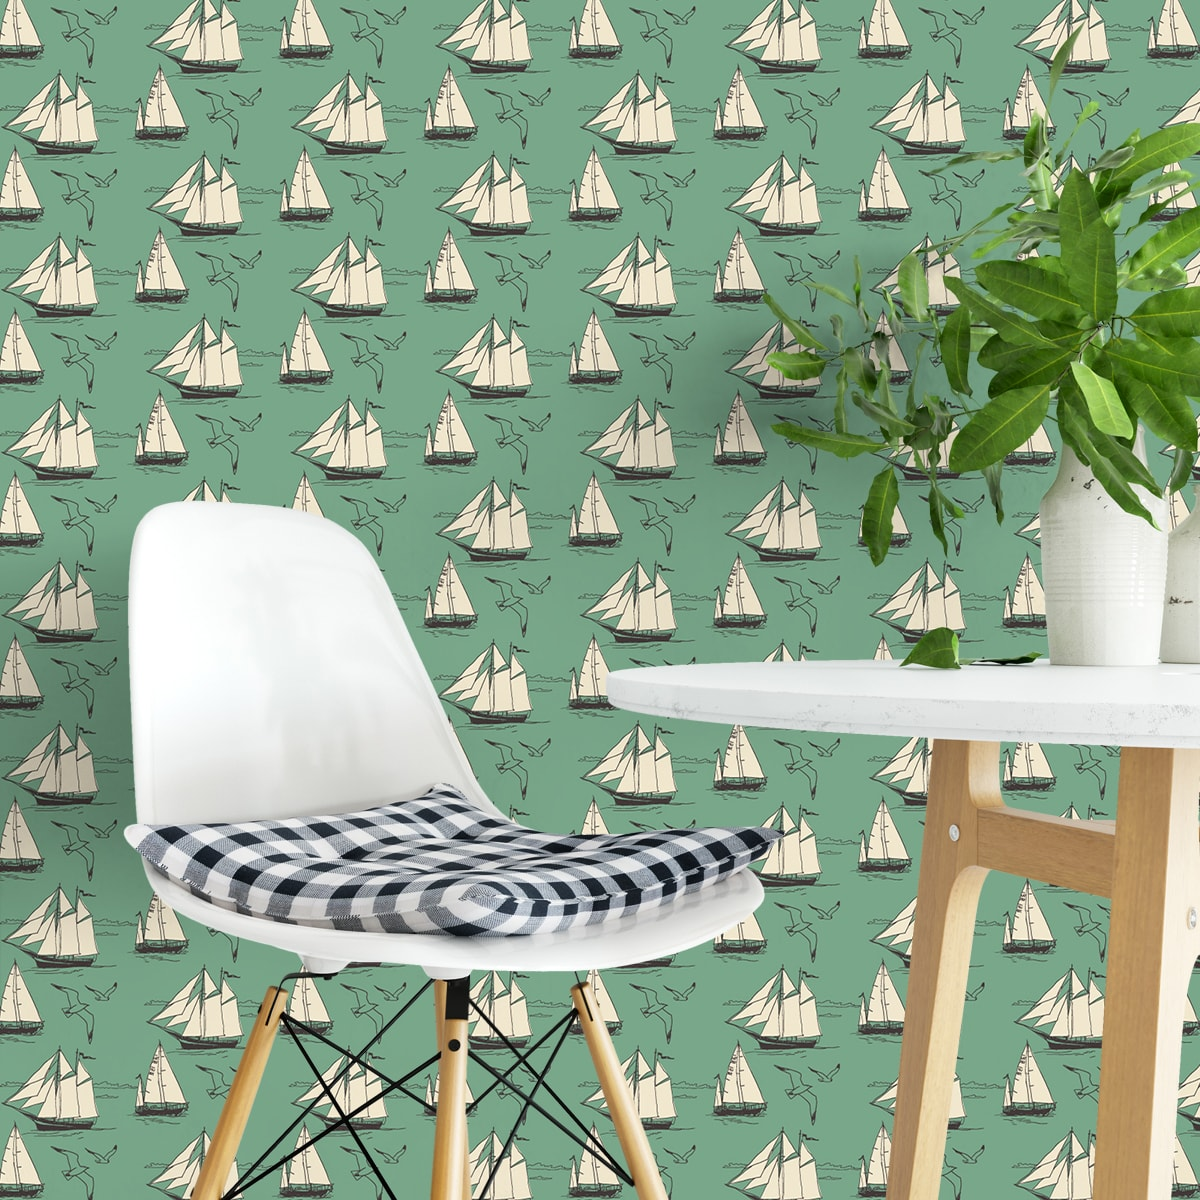 Wandtapete grün: Segler Tapete